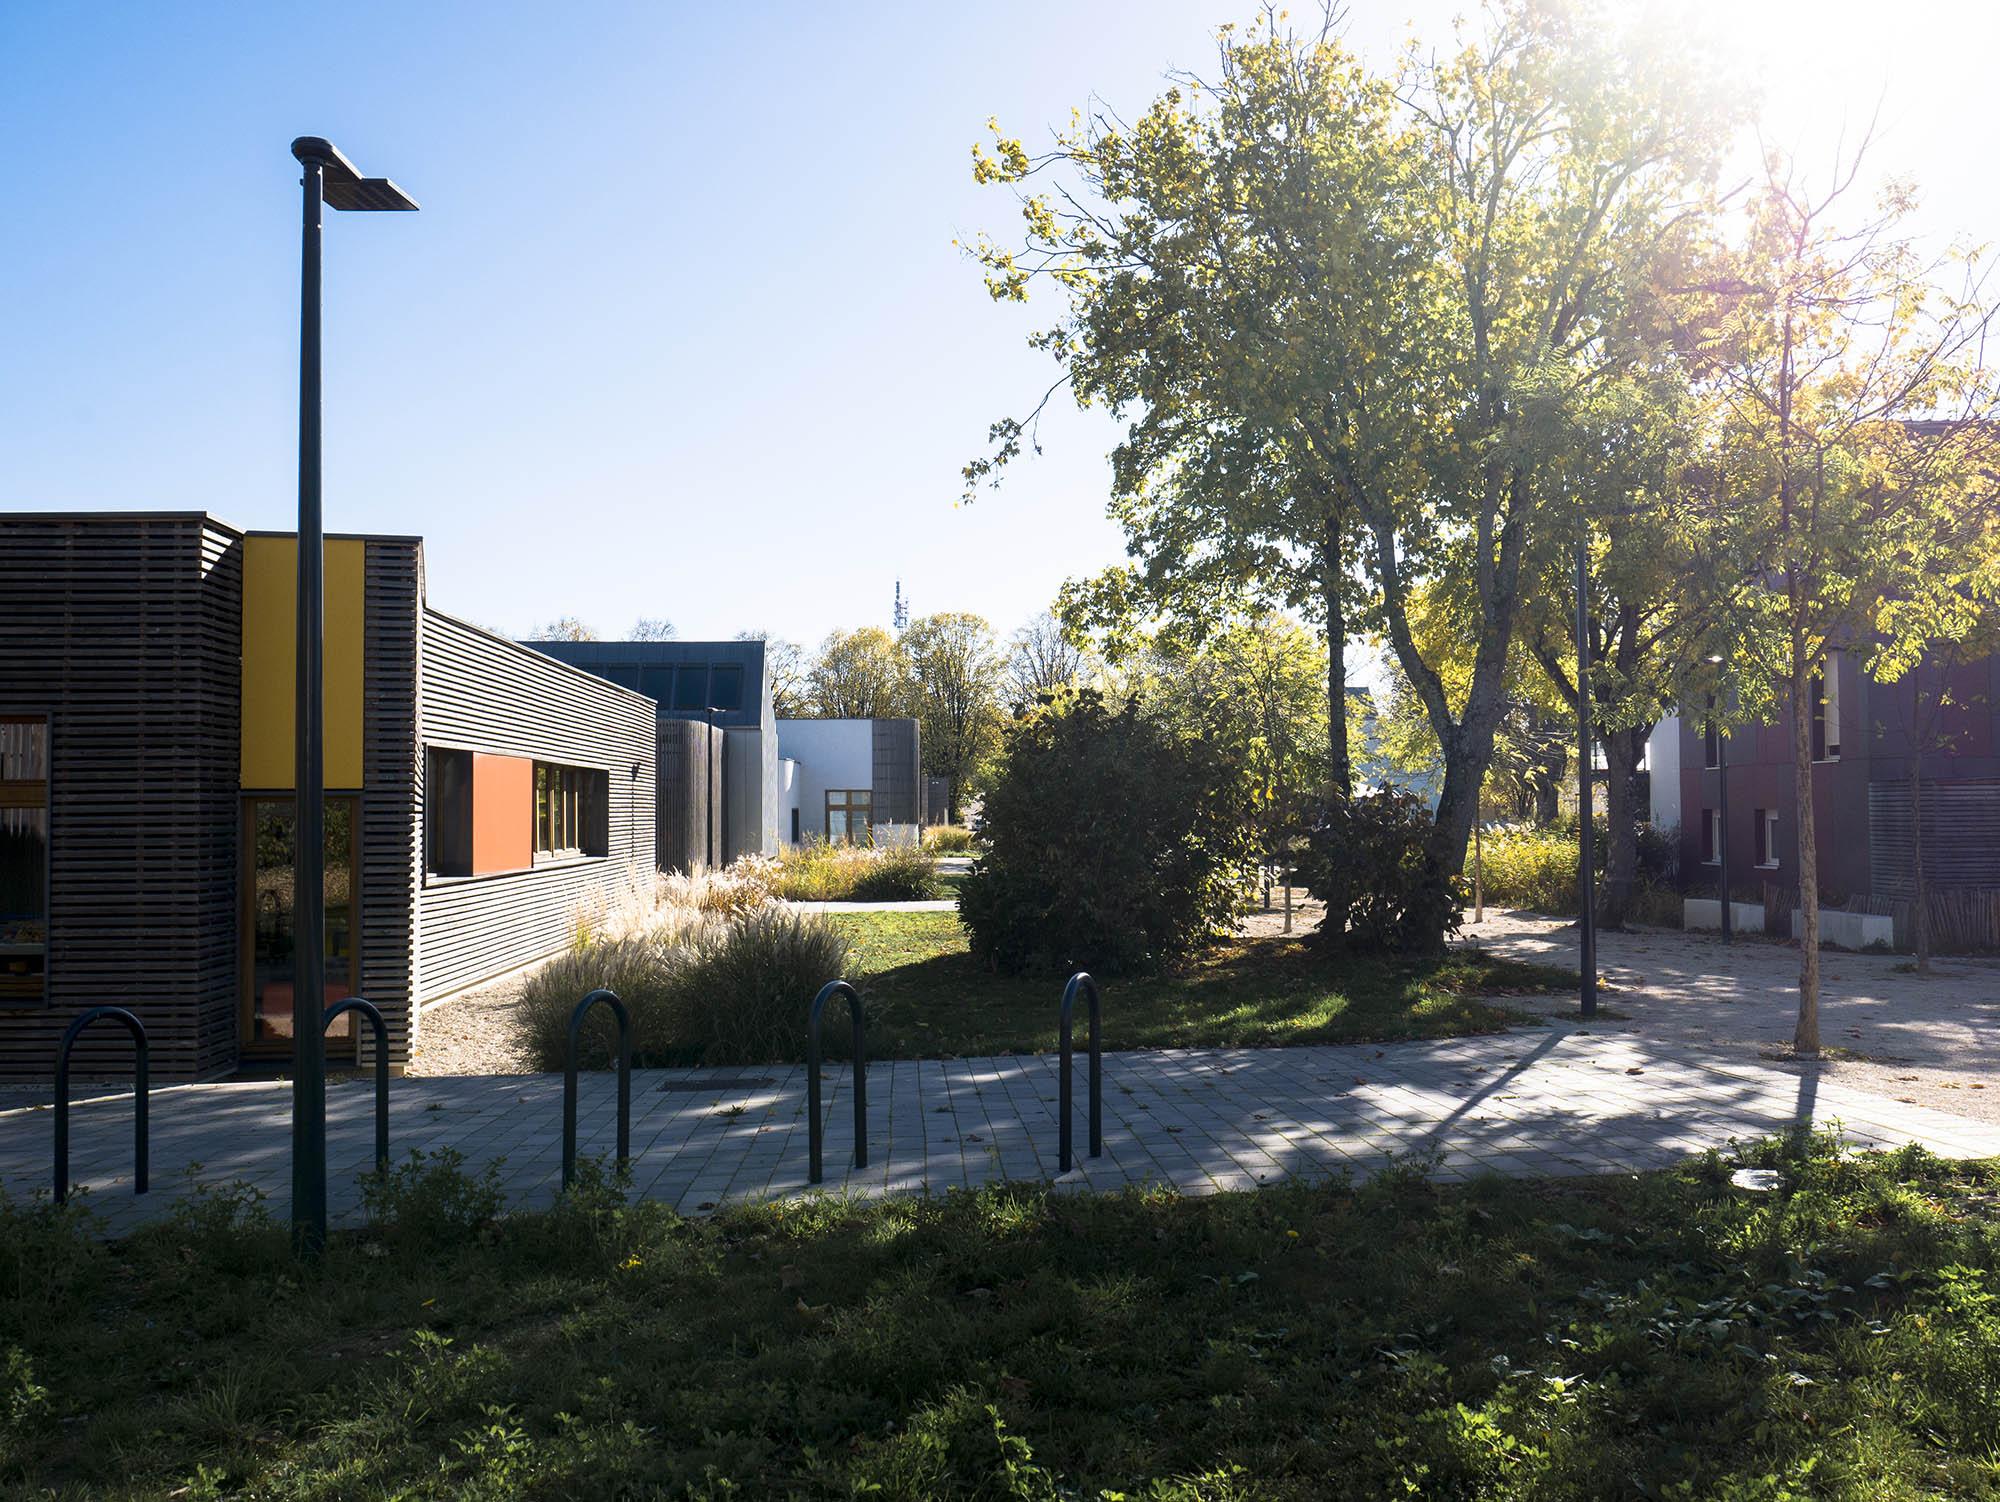 Chouette-architecture-EXTENSION-DES-ÉCOLES-MATERNELLE-ET-ÉLÉMENTAIRE-DU-GROUPE-SCOLAIRE-MONTMUZARD-Dijon-2000-7